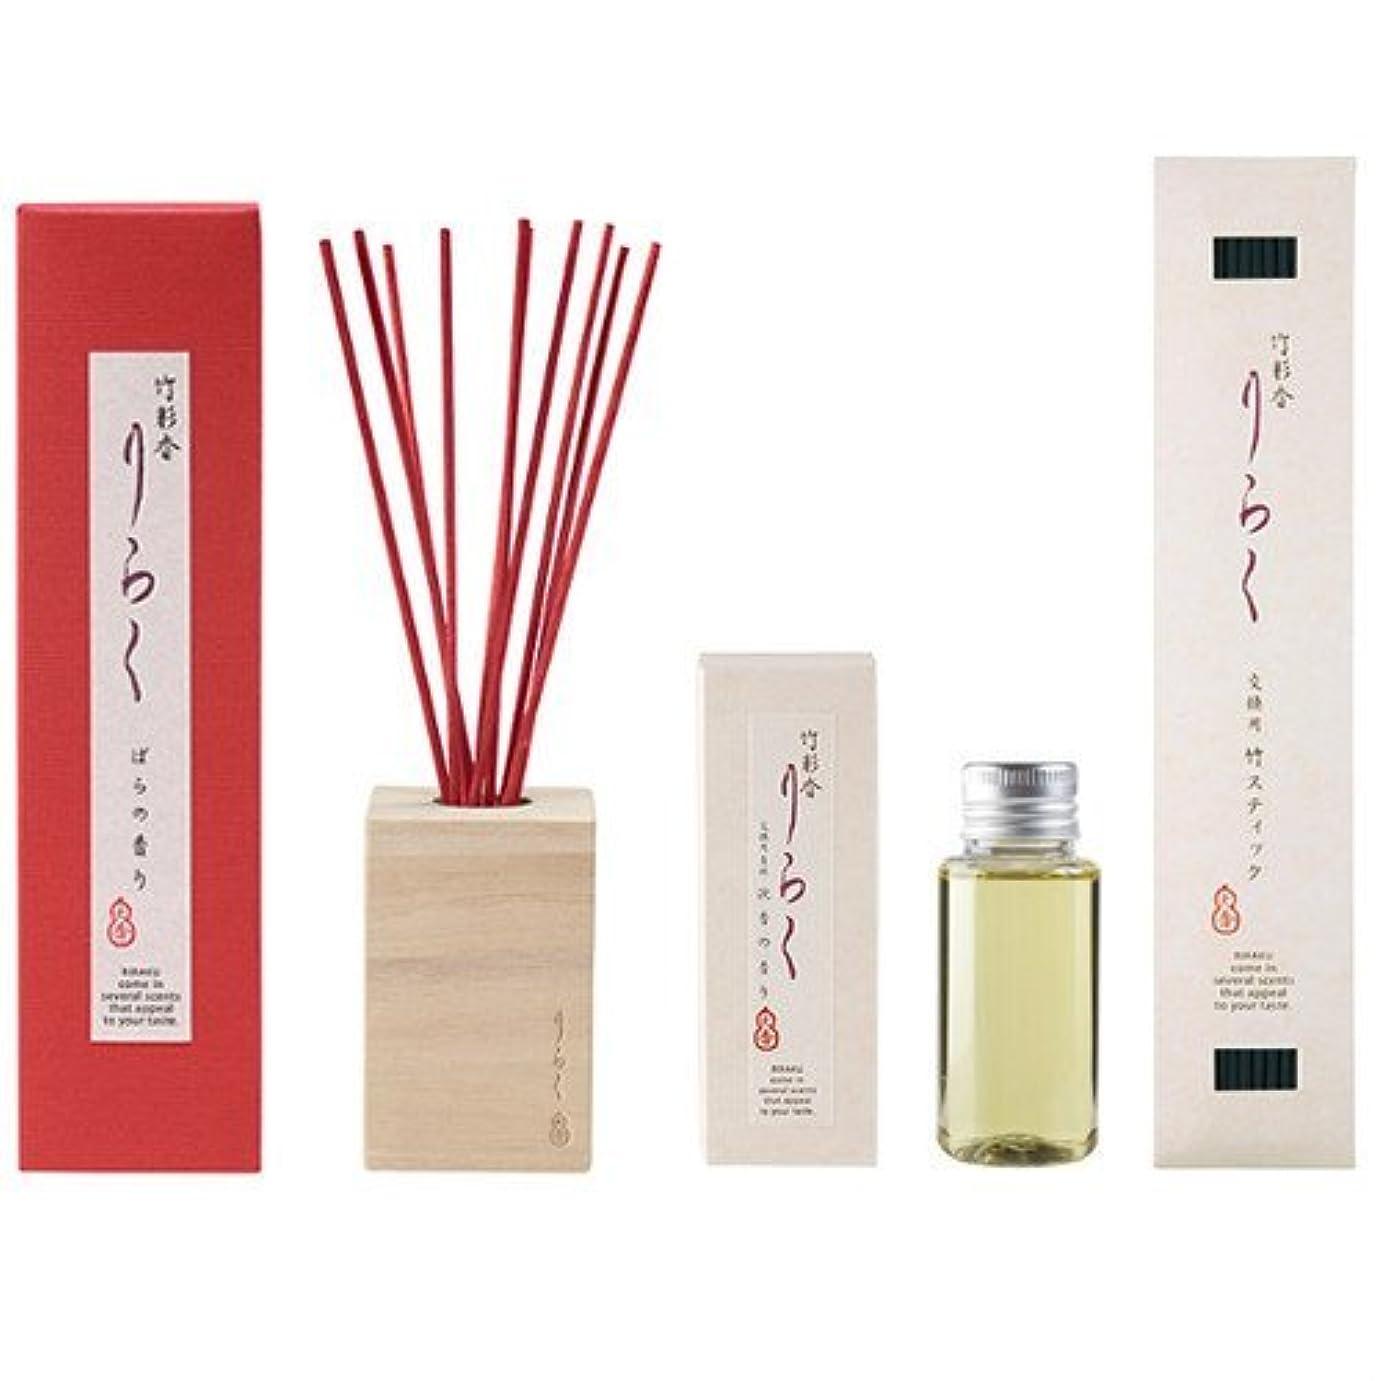 吸うグレードオアシス大香 竹彩香 りらく ばら 50ml と 交換用 ばら、交換用竹スティック ばらの色 セット